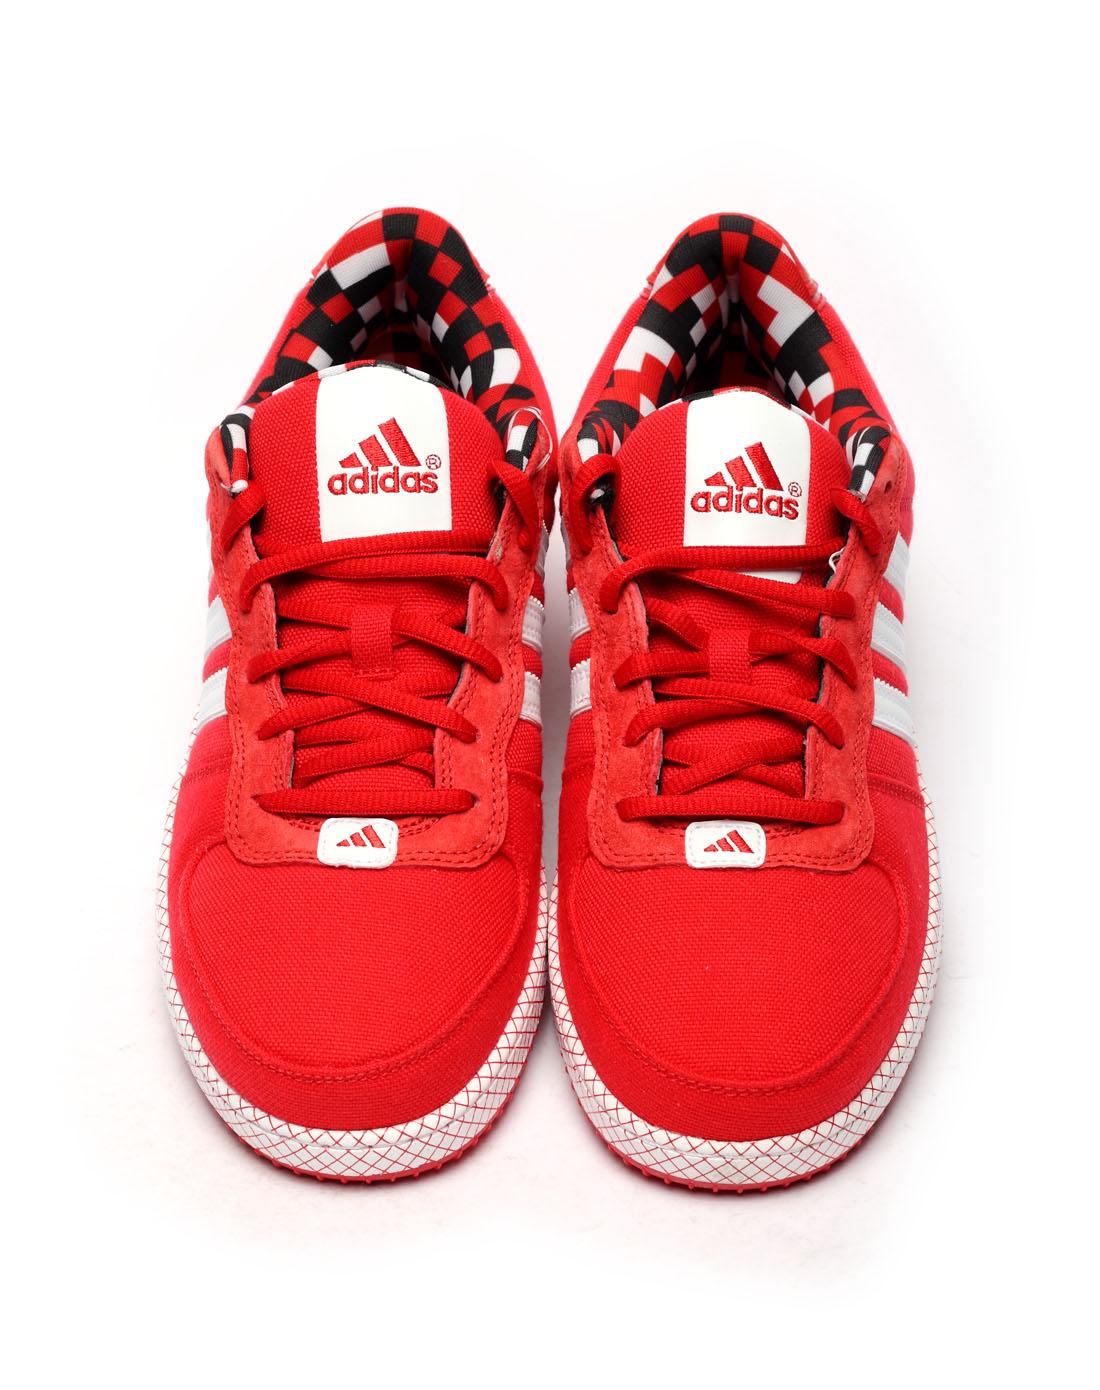 阿迪达斯adidas男子红色篮球鞋g59019